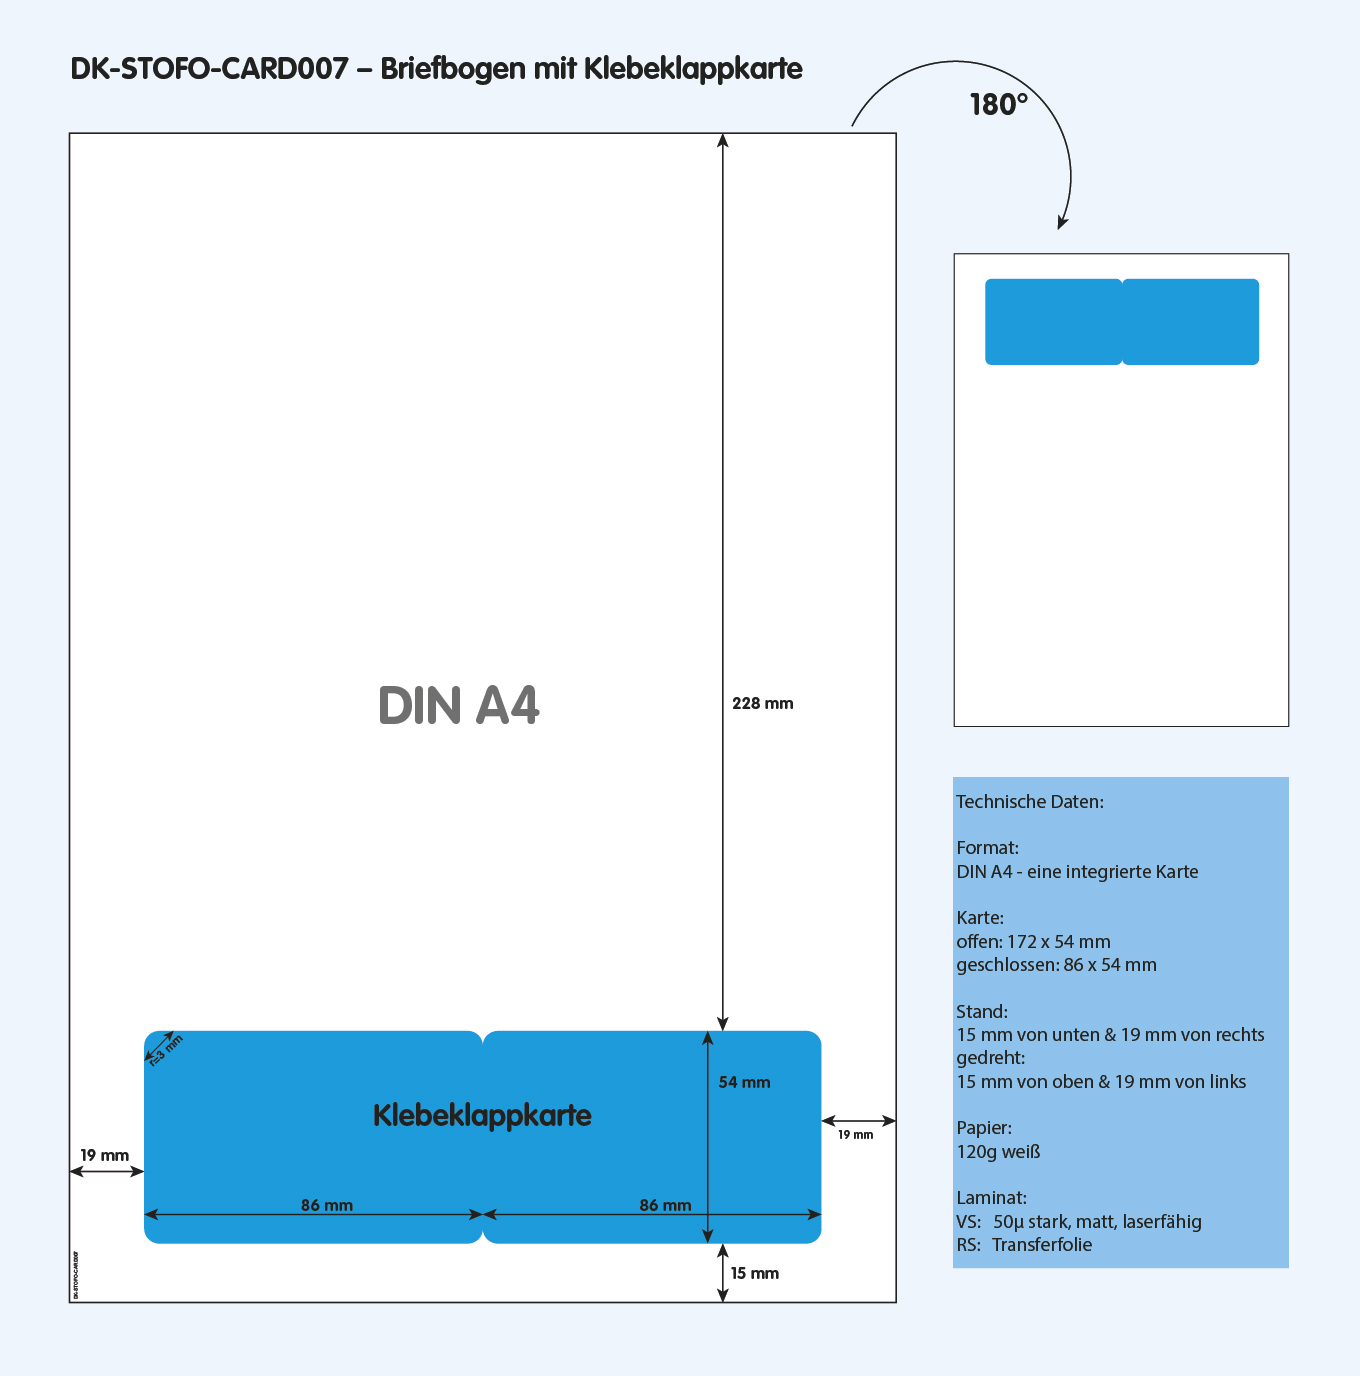 DK-STOFO-CARD007 - technische Zeichnung